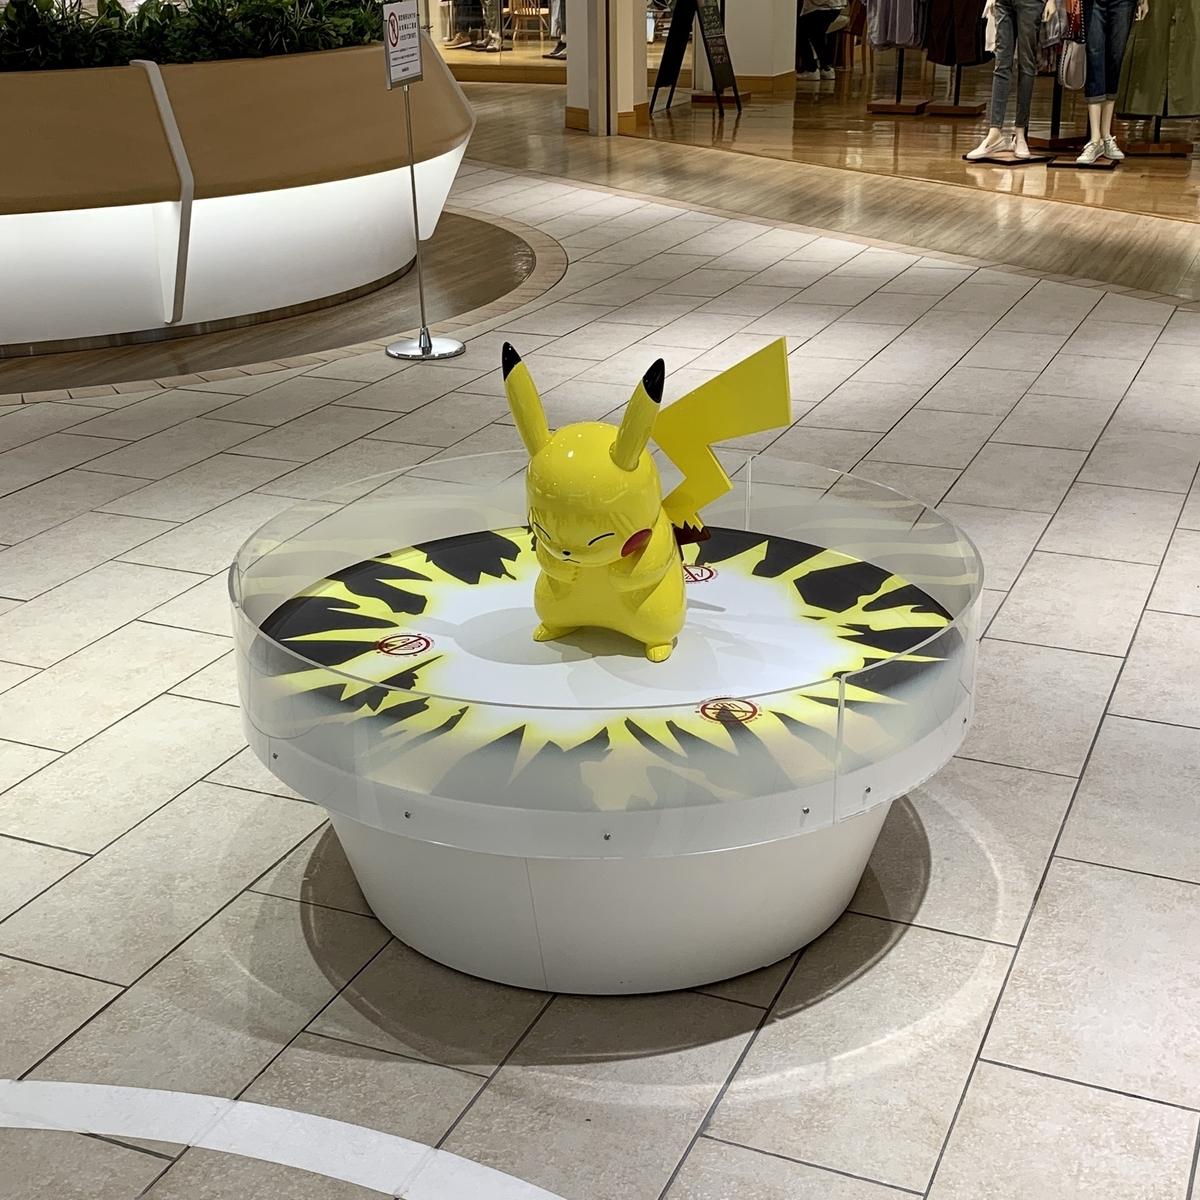 f:id:pikachu_pcn:20200606185528j:plain